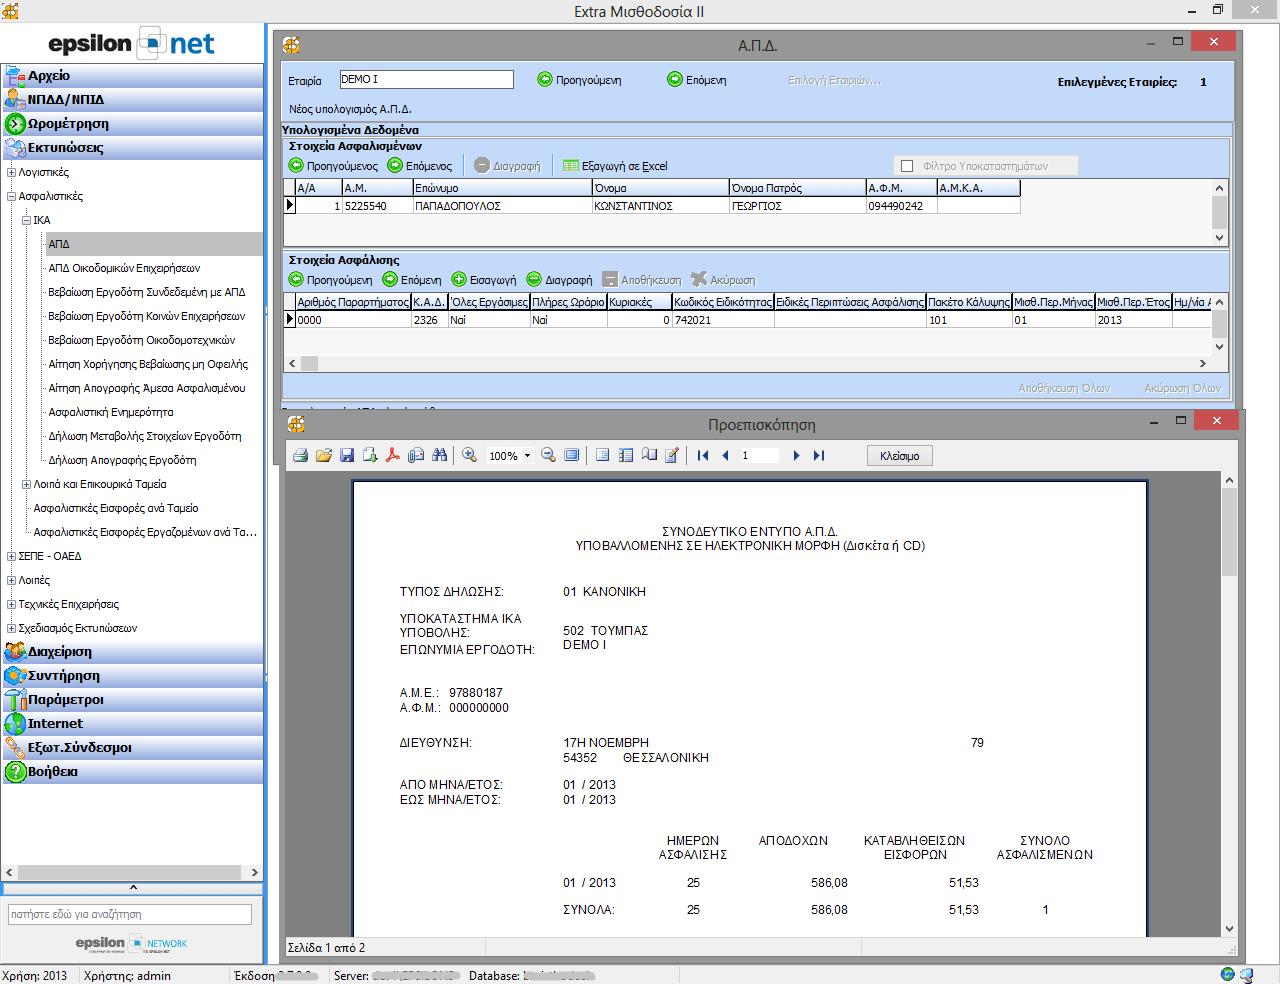 Δυνατότητα υπολογισμού ΑΠΔ και αυτόματης υποβολής στο ΙΚΑ